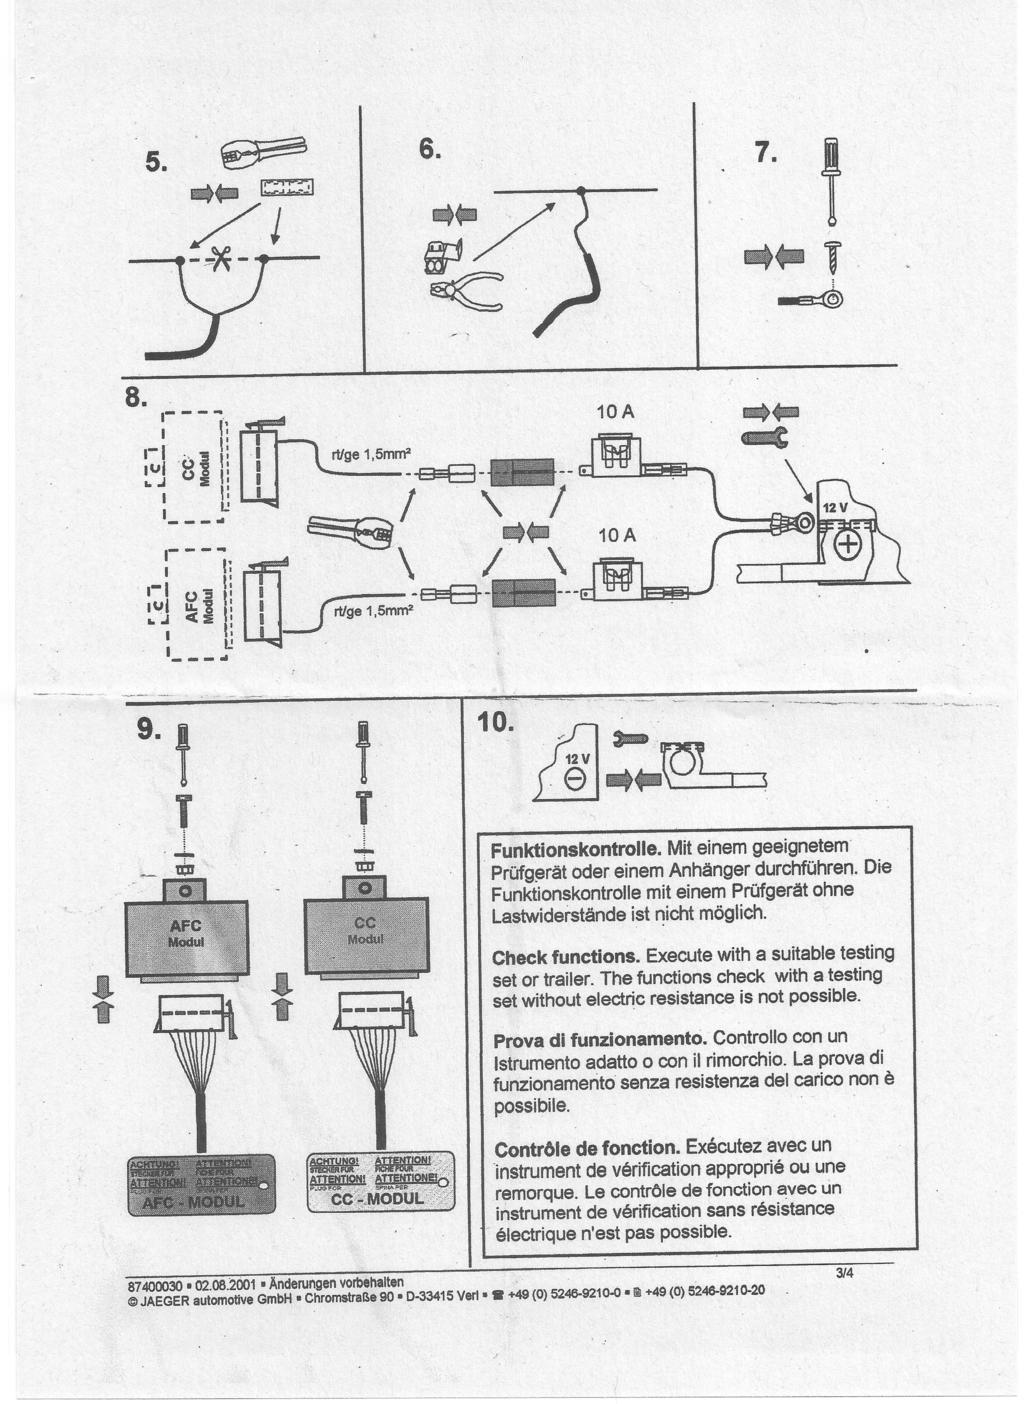 Fantastisch 2003 F250 Verdrahtungsschema Fotos - Schaltplan Serie ...